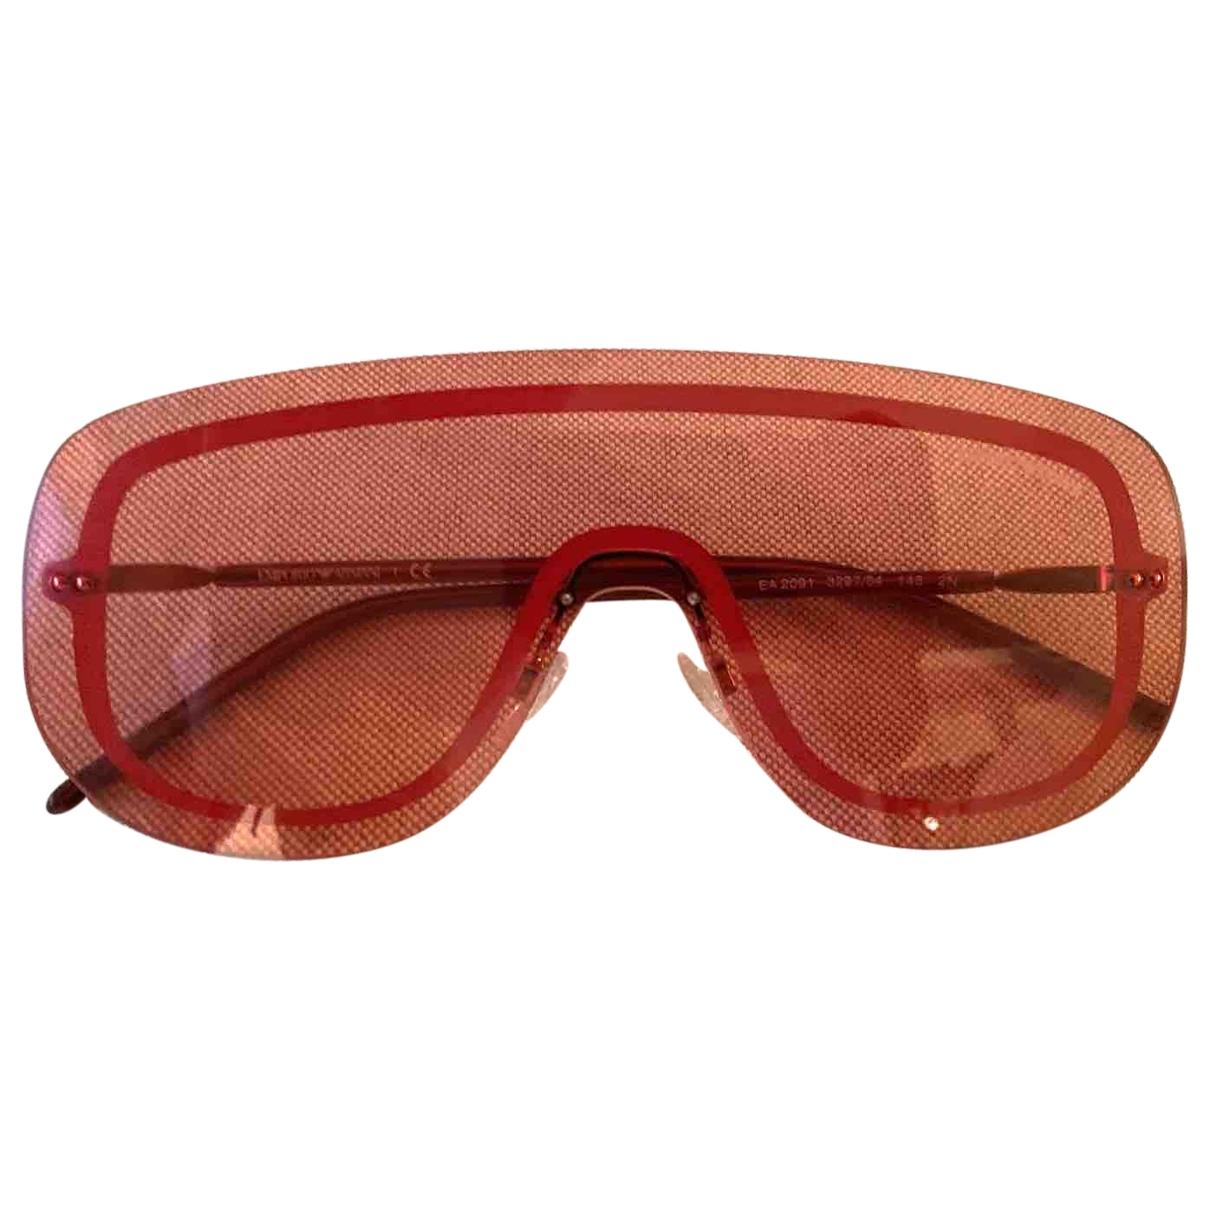 Emporio Armani - Lunettes   pour femme en metal - rouge